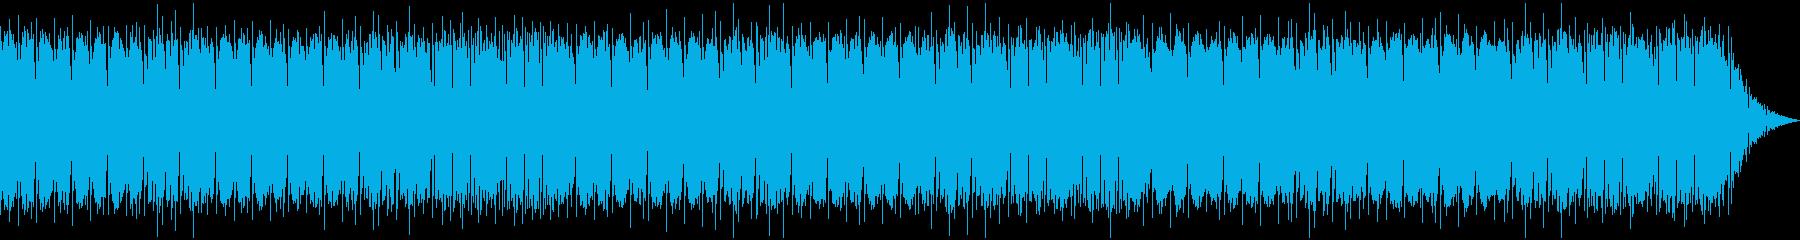 温かいケルト音楽の再生済みの波形